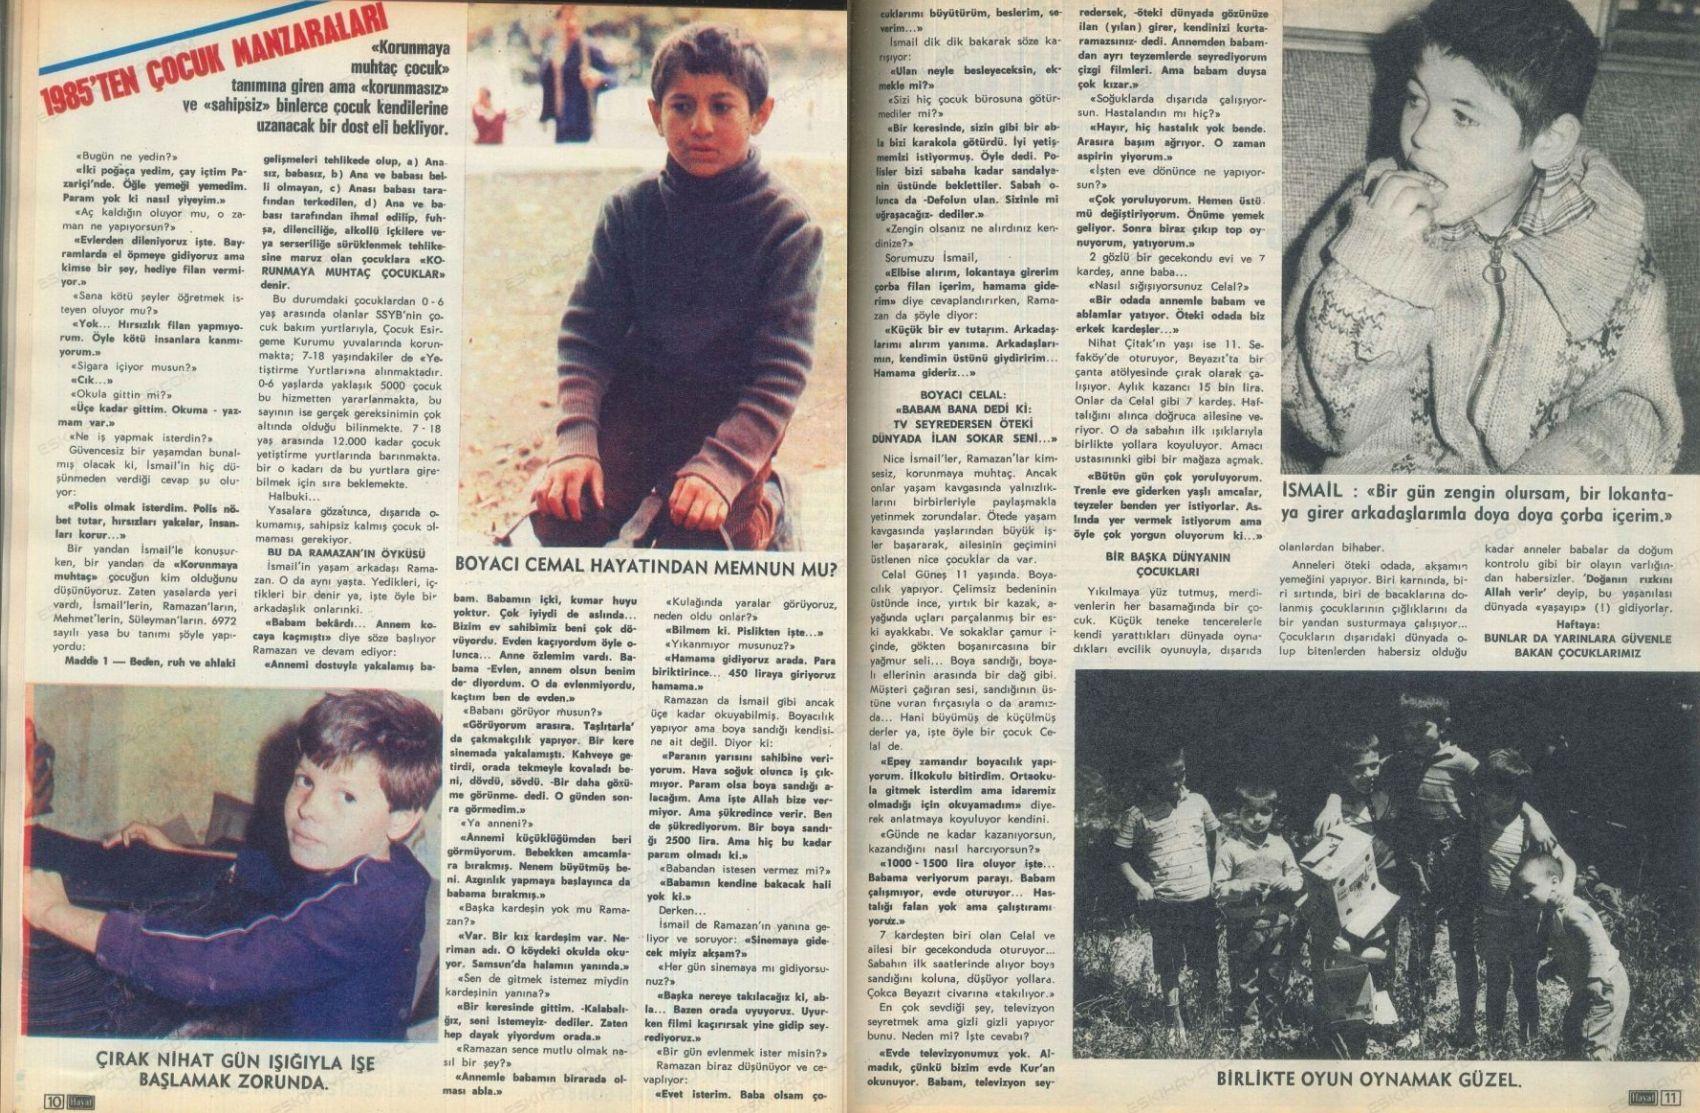 0373-seksenlerde-cocuk-olmak-1985-hayat-dergisi (7)